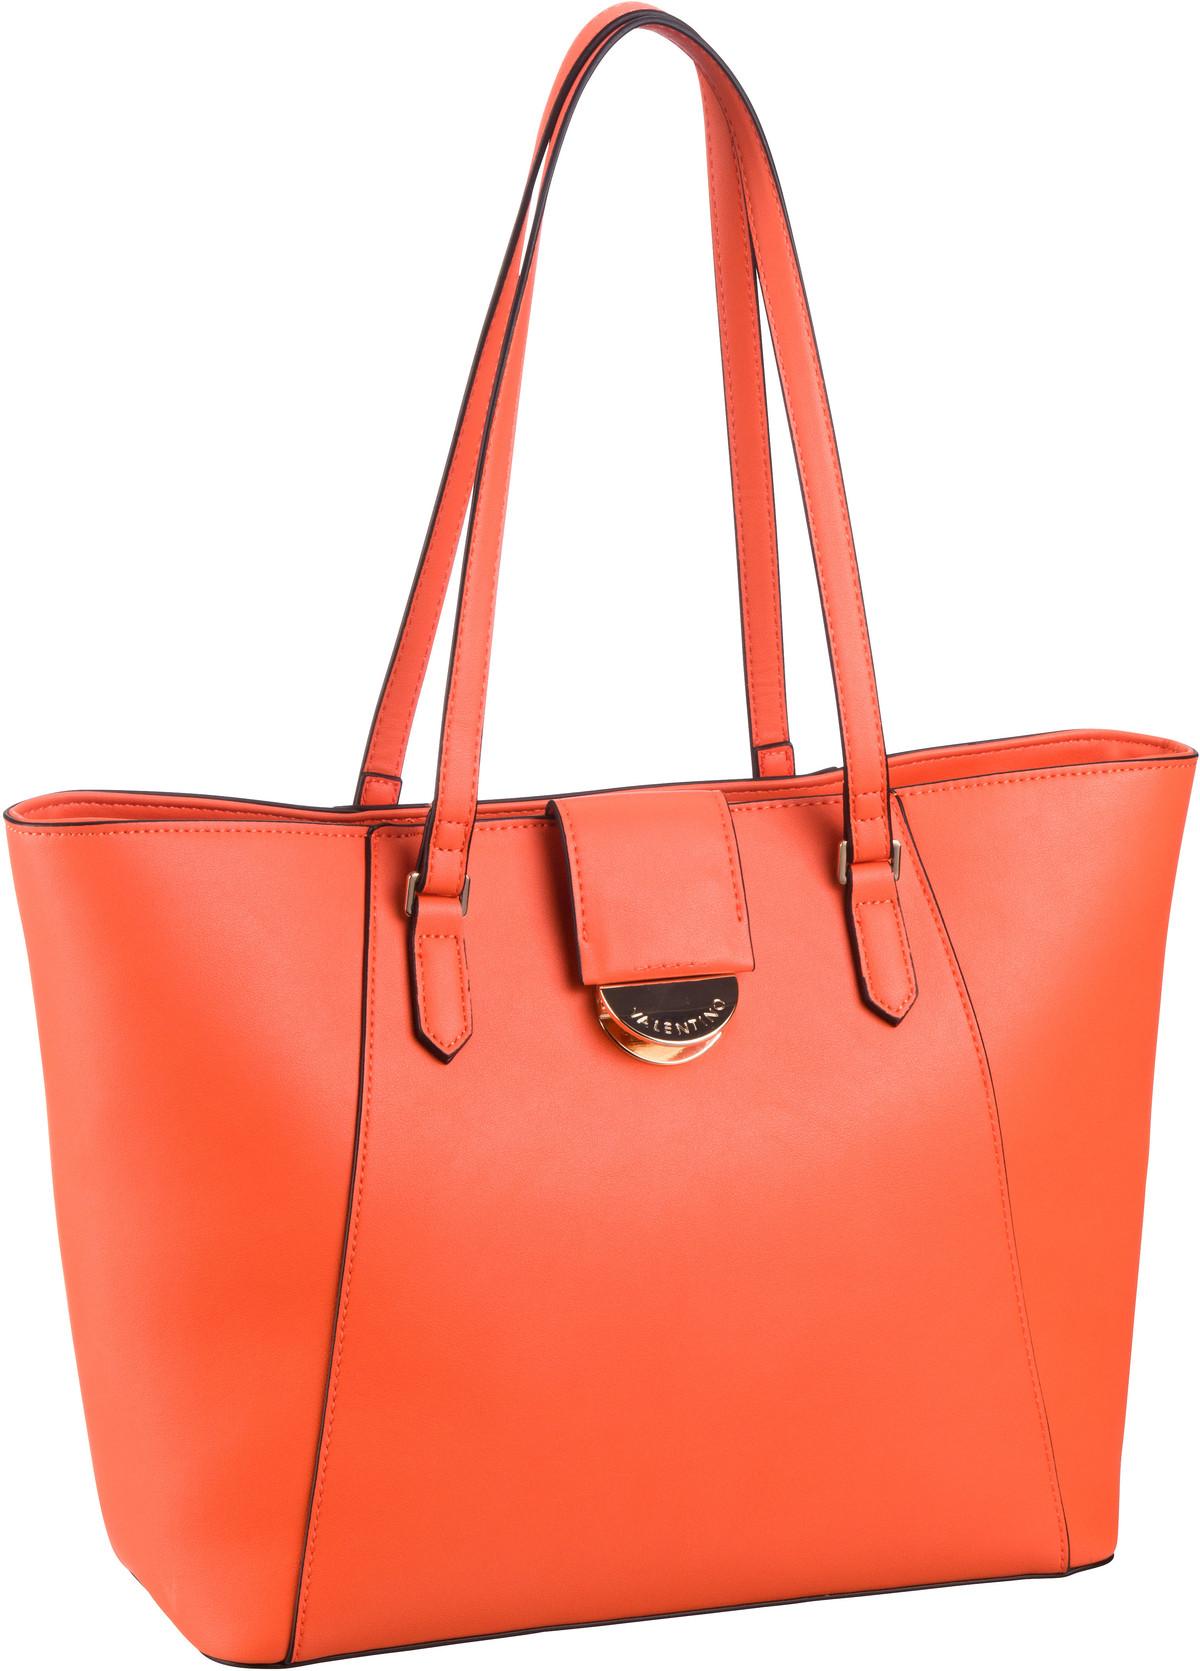 Bags Handtasche Falcor Shopping P01 Arancio